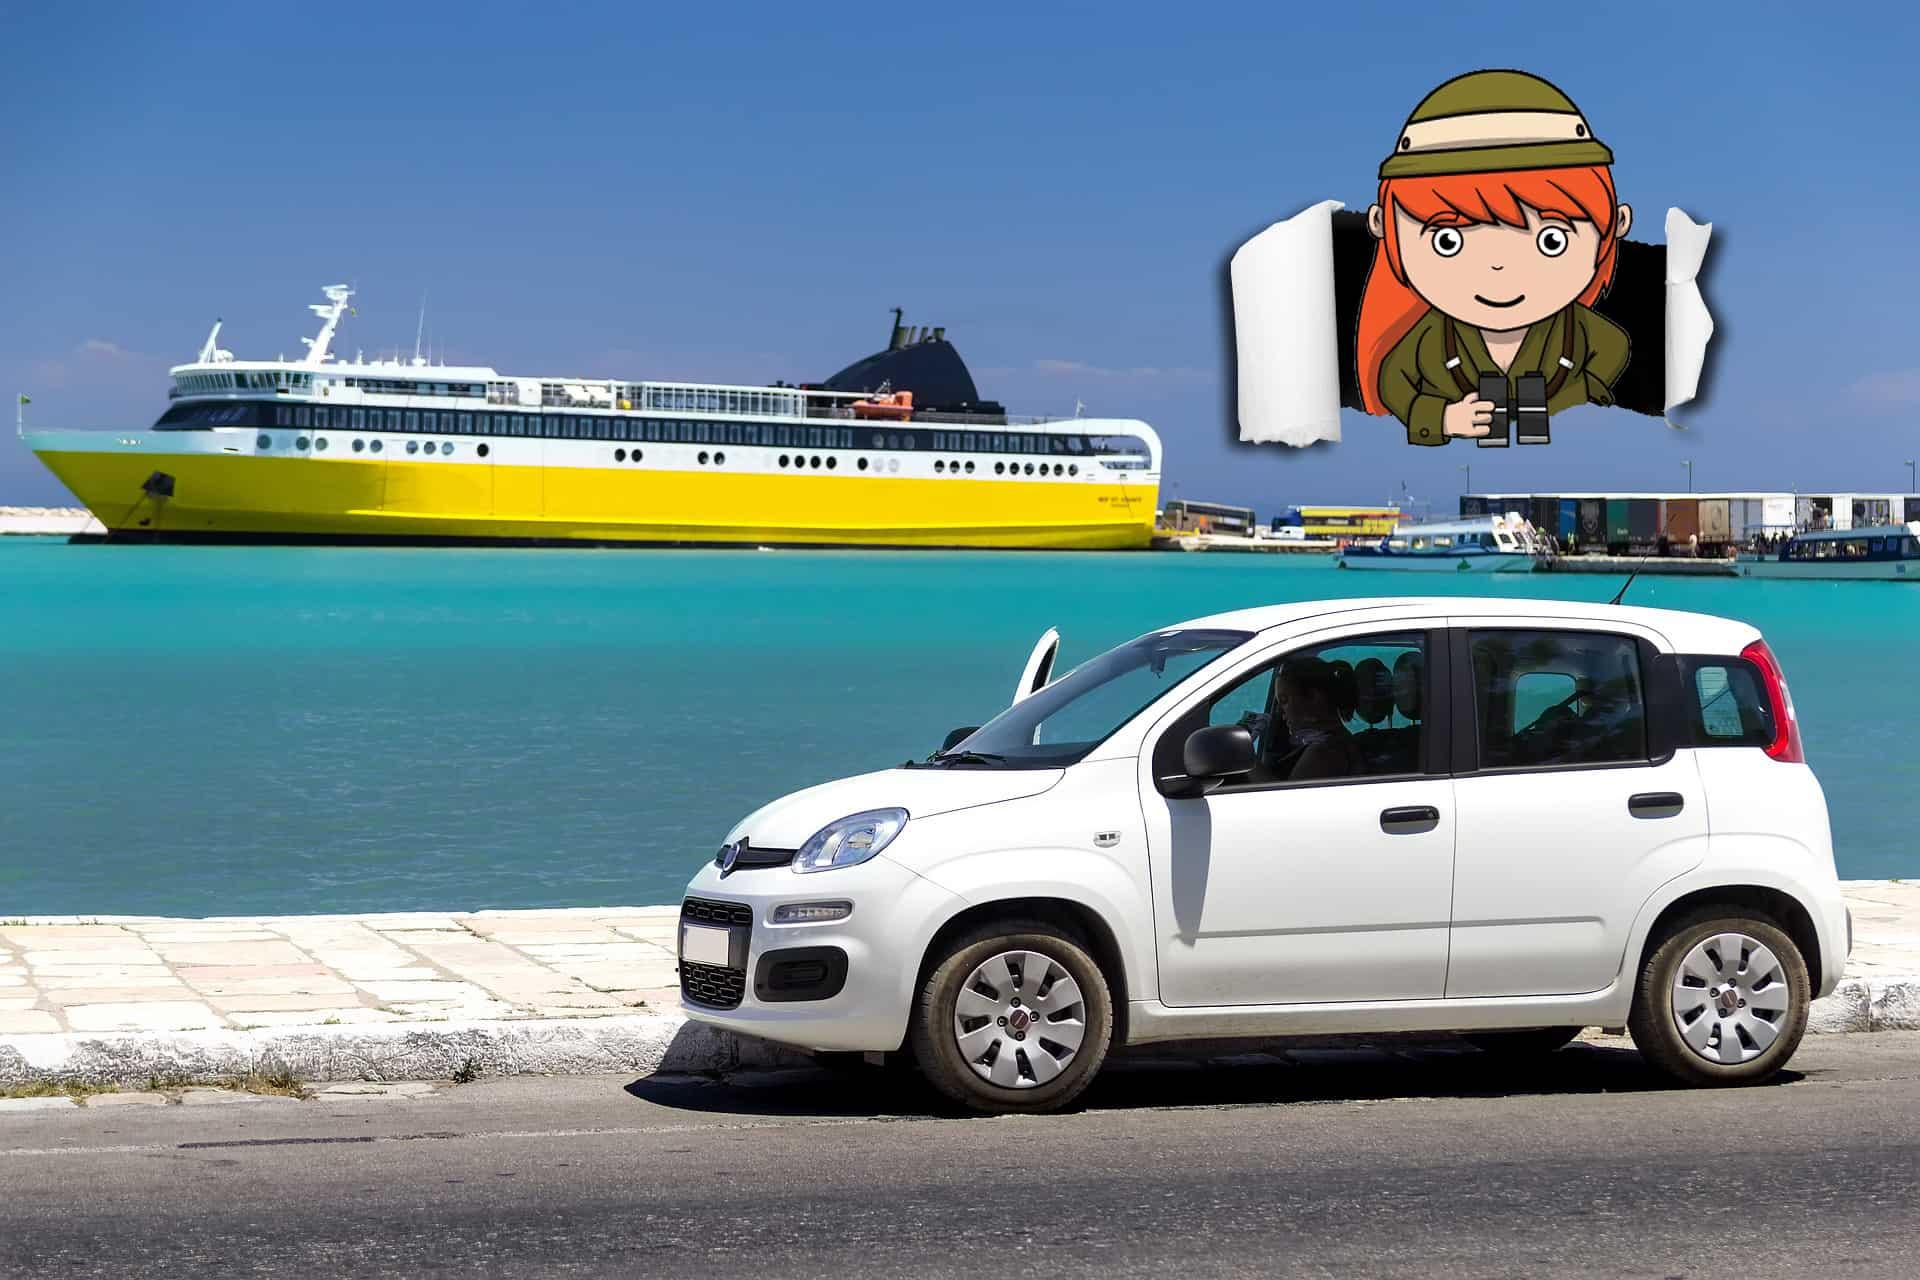 Goedkope autohuur op vakantie: tips & goede websites